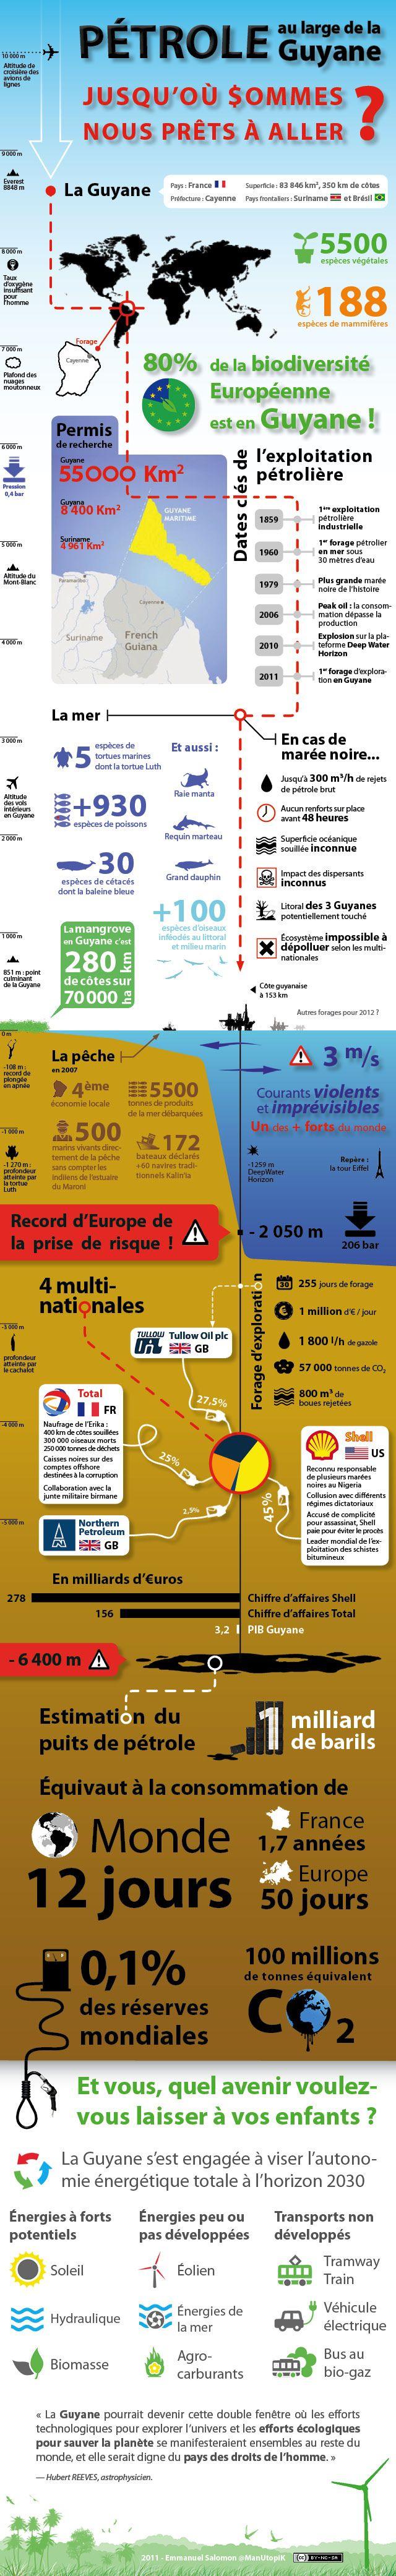 dataviz-pétrole-offshore-Guyane-v3.jpg (640×4165)